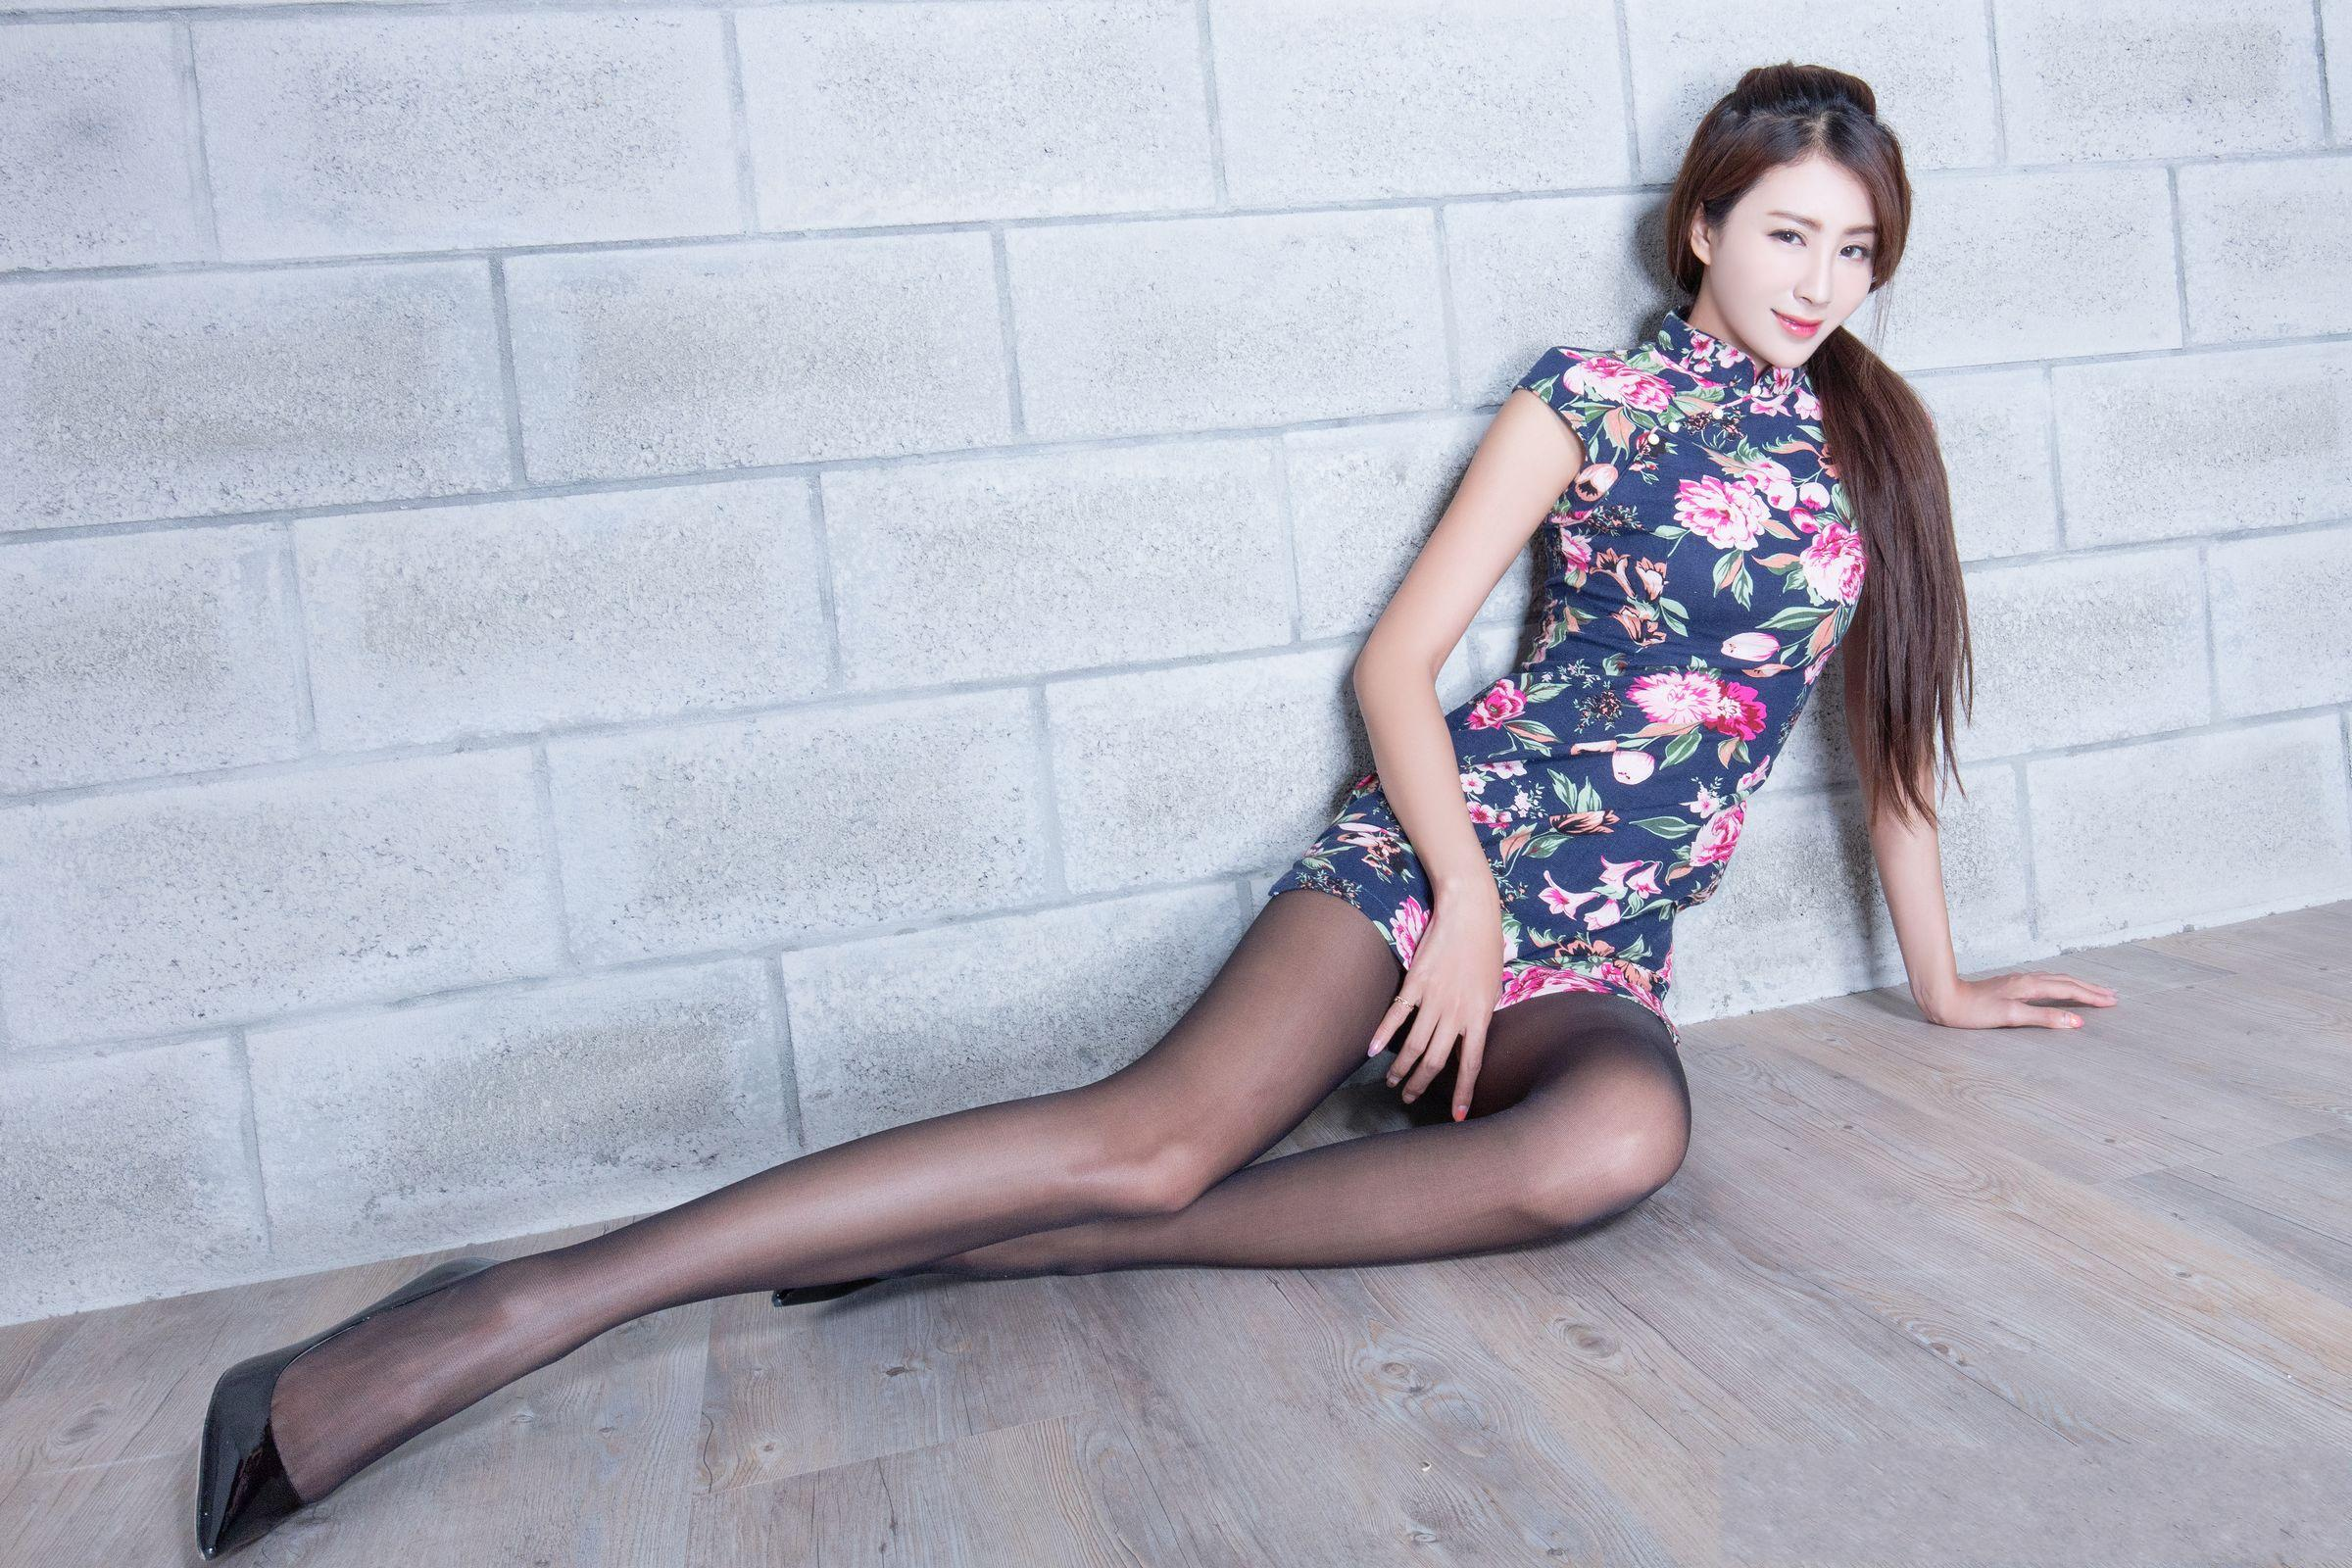 爱秀美腿秀Miso1 - 花開有聲 - 花開有聲